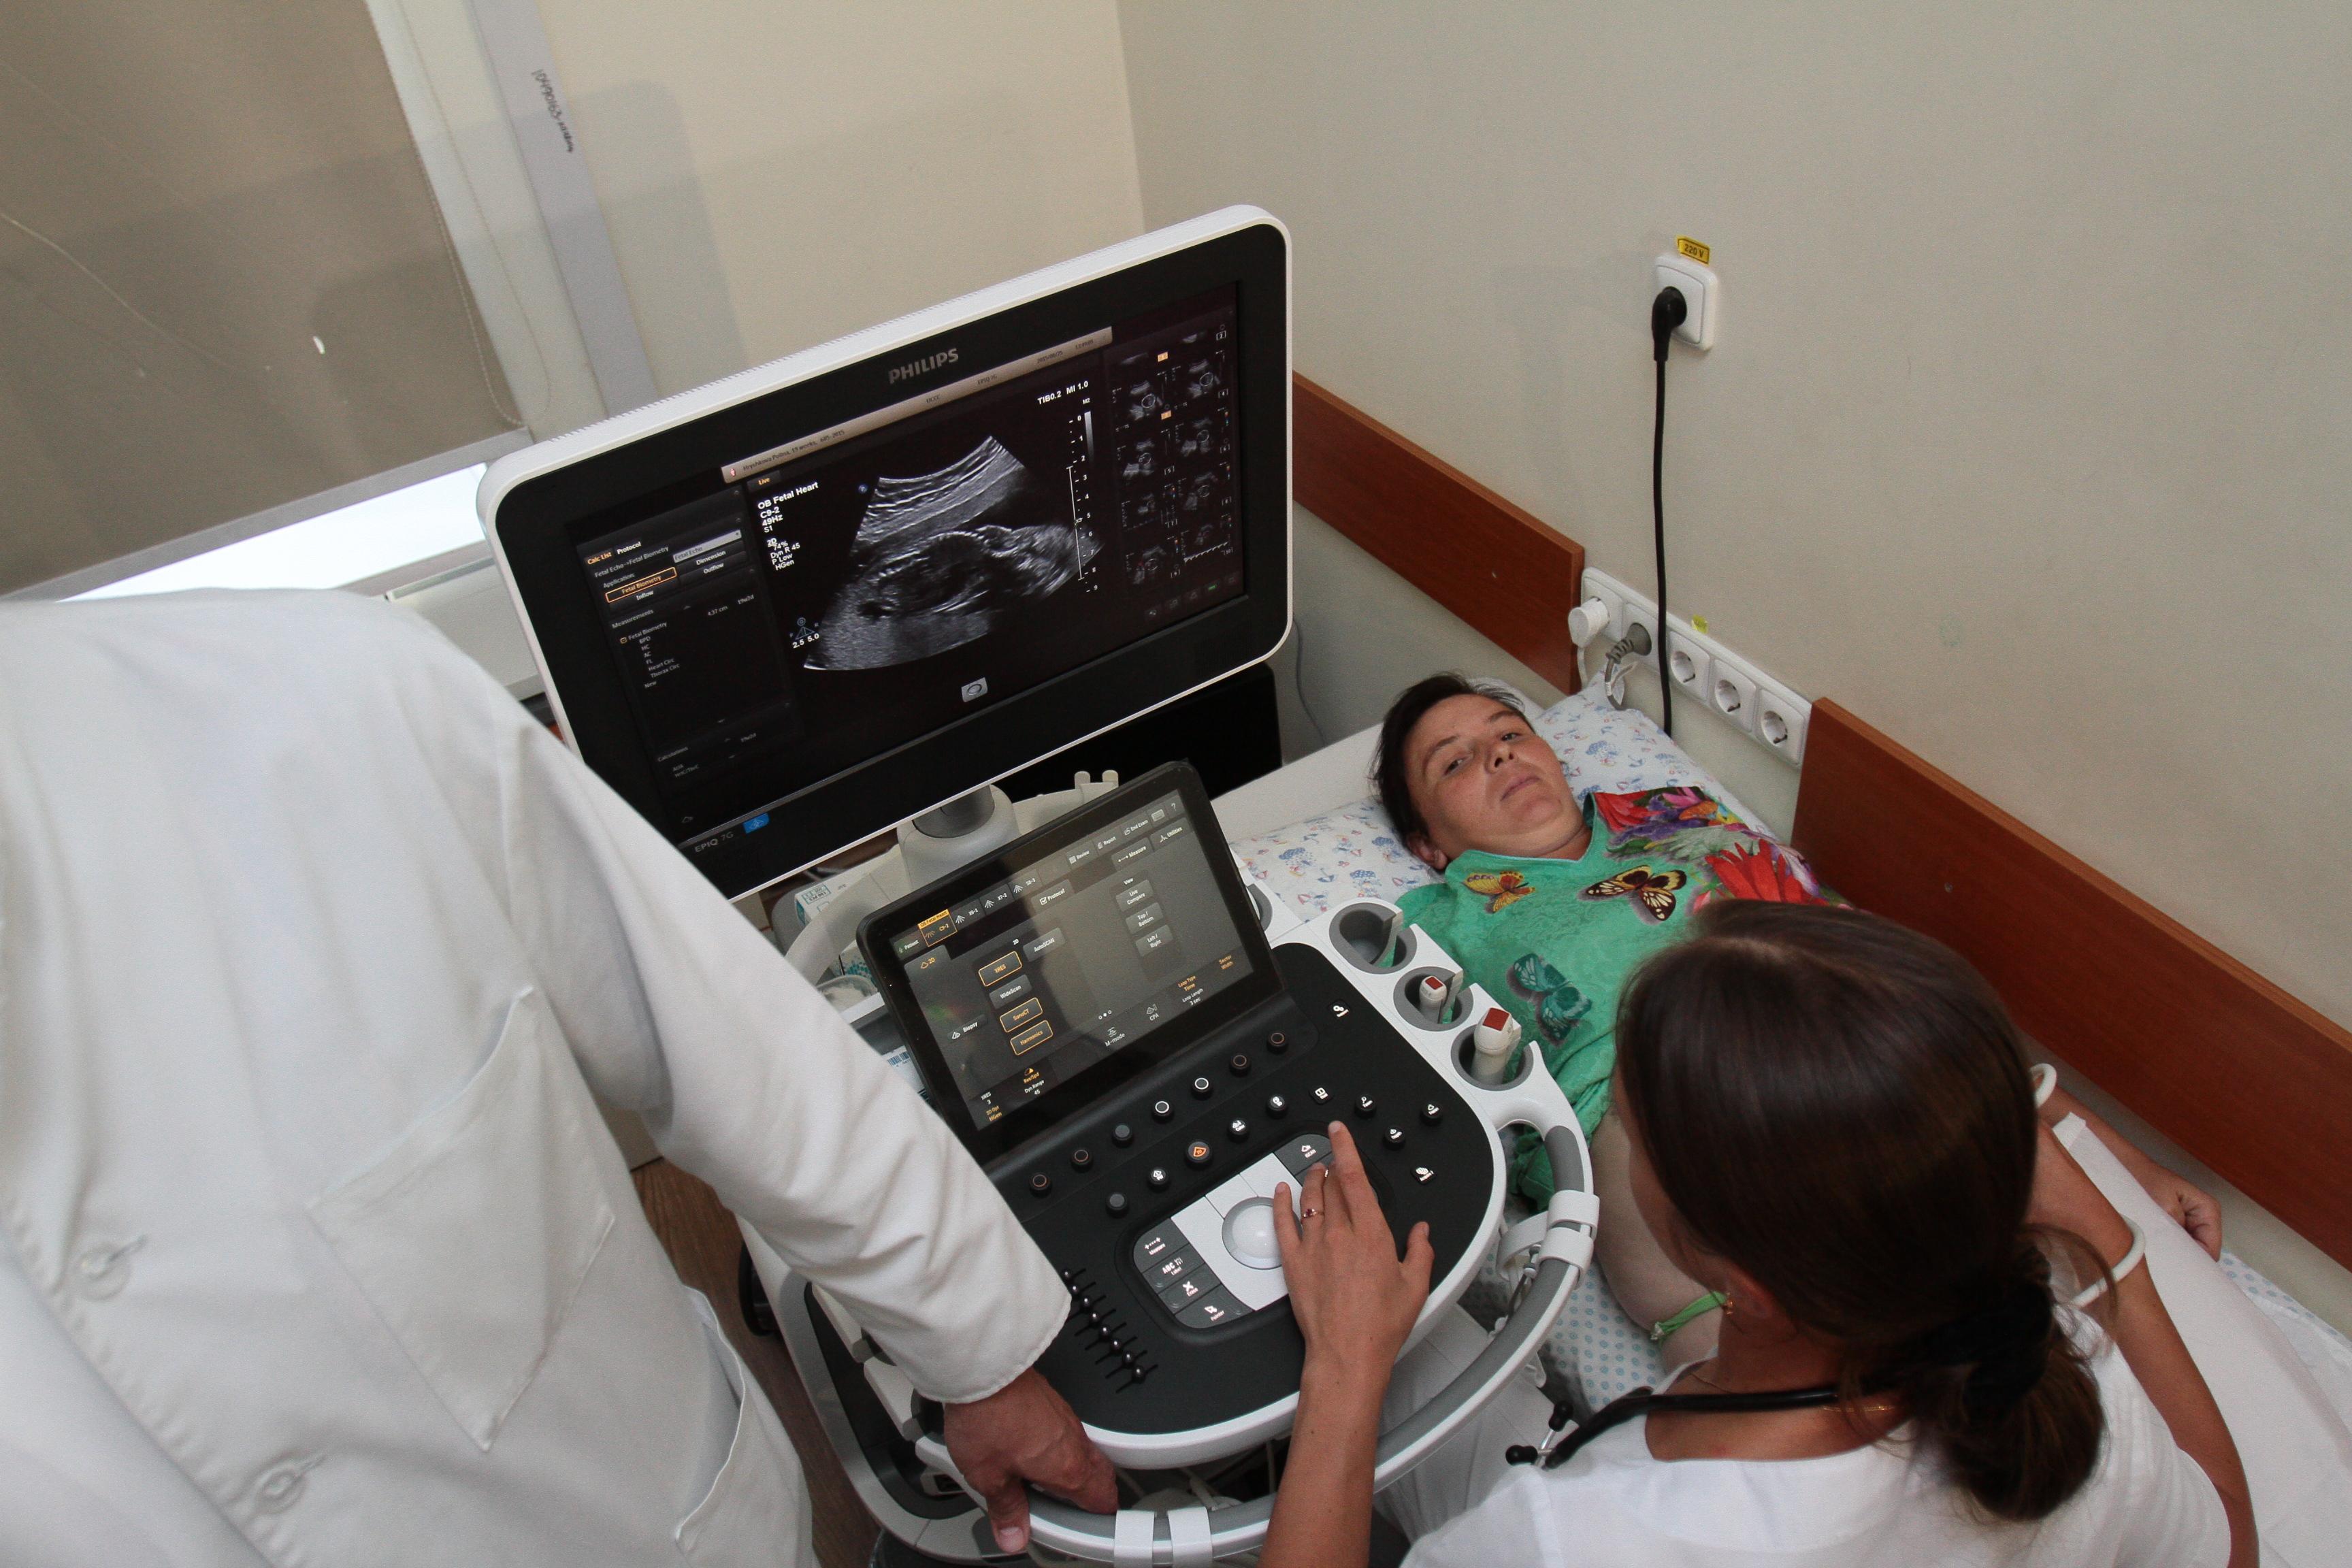 Бесплатную диагностику не запустят 1 июля: почему Минздрав откладывает программу, фото-3